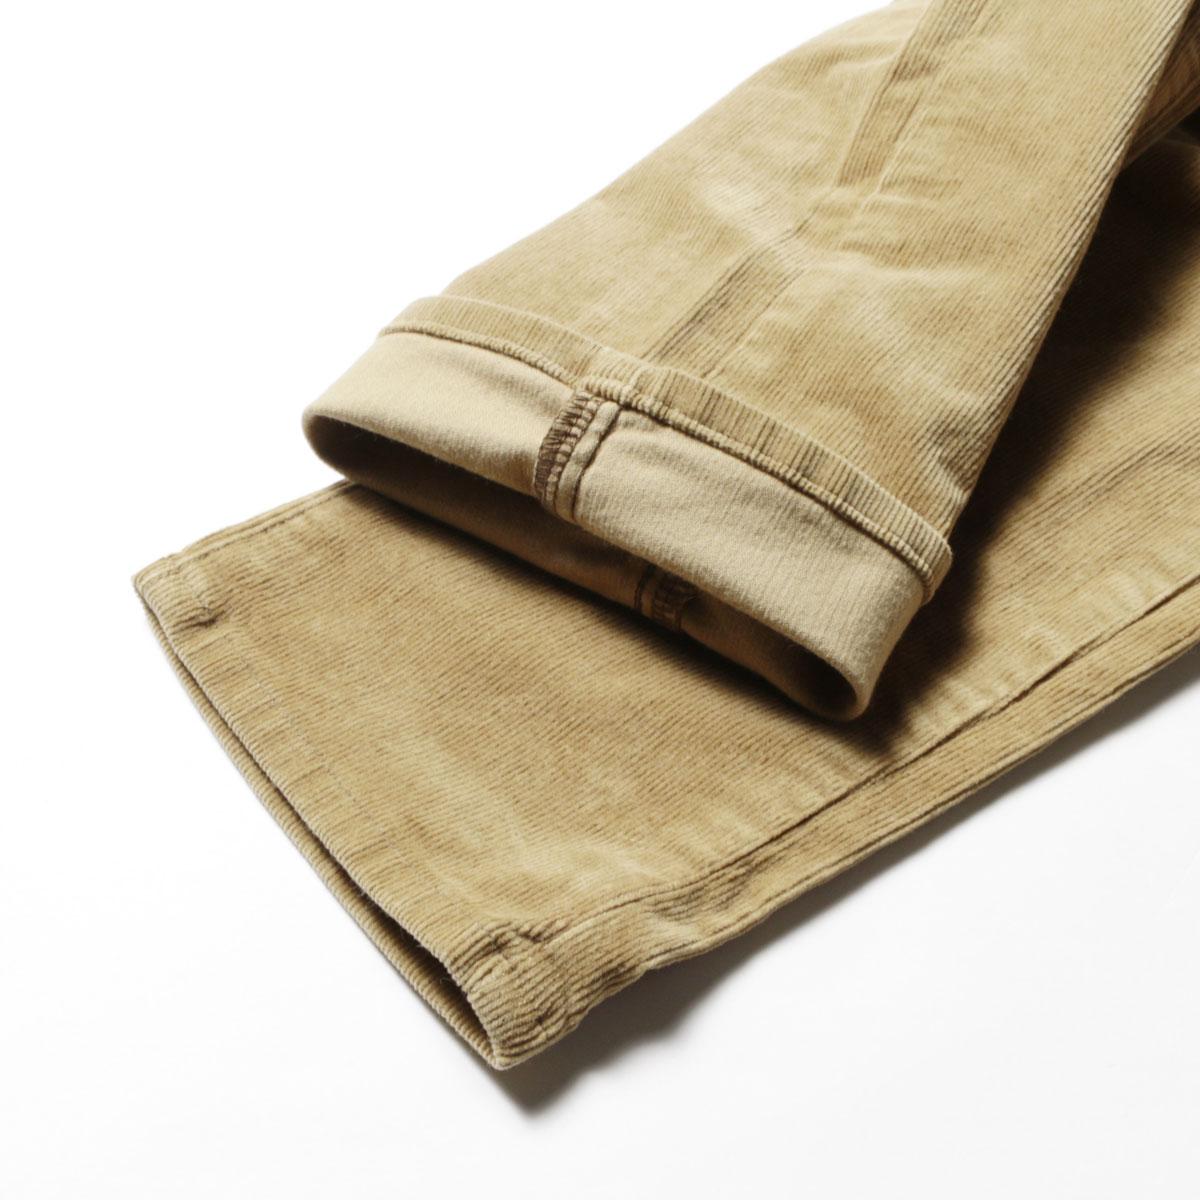 メンズ 秋 冬 春 ボトム パンツ メンズファッション 日本製 ストレッチ コーデュロイ 5P パンツ ポケット Johnbul ジョンブル 21131XZwiOPkuT